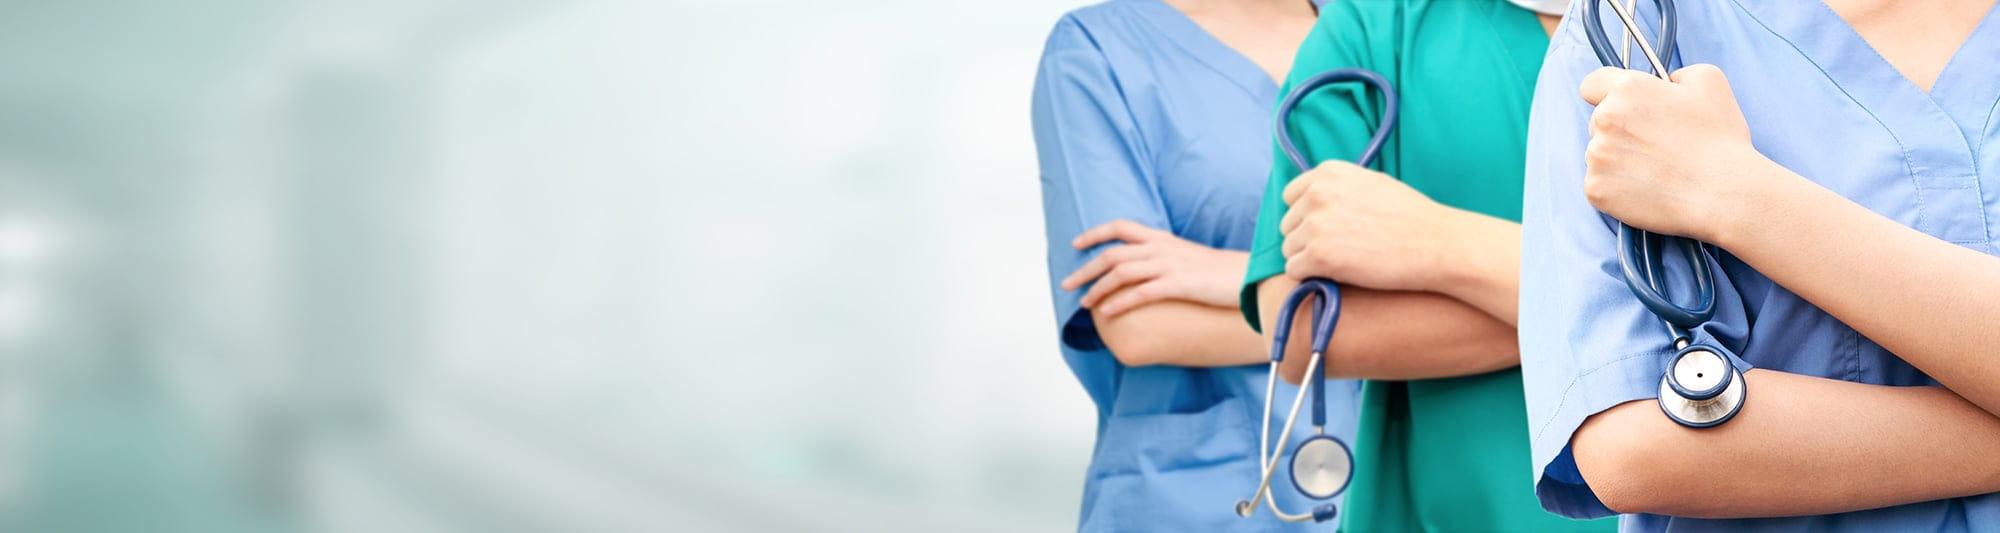 Privacy en de bescherming van persoonsgegevens van patiënten